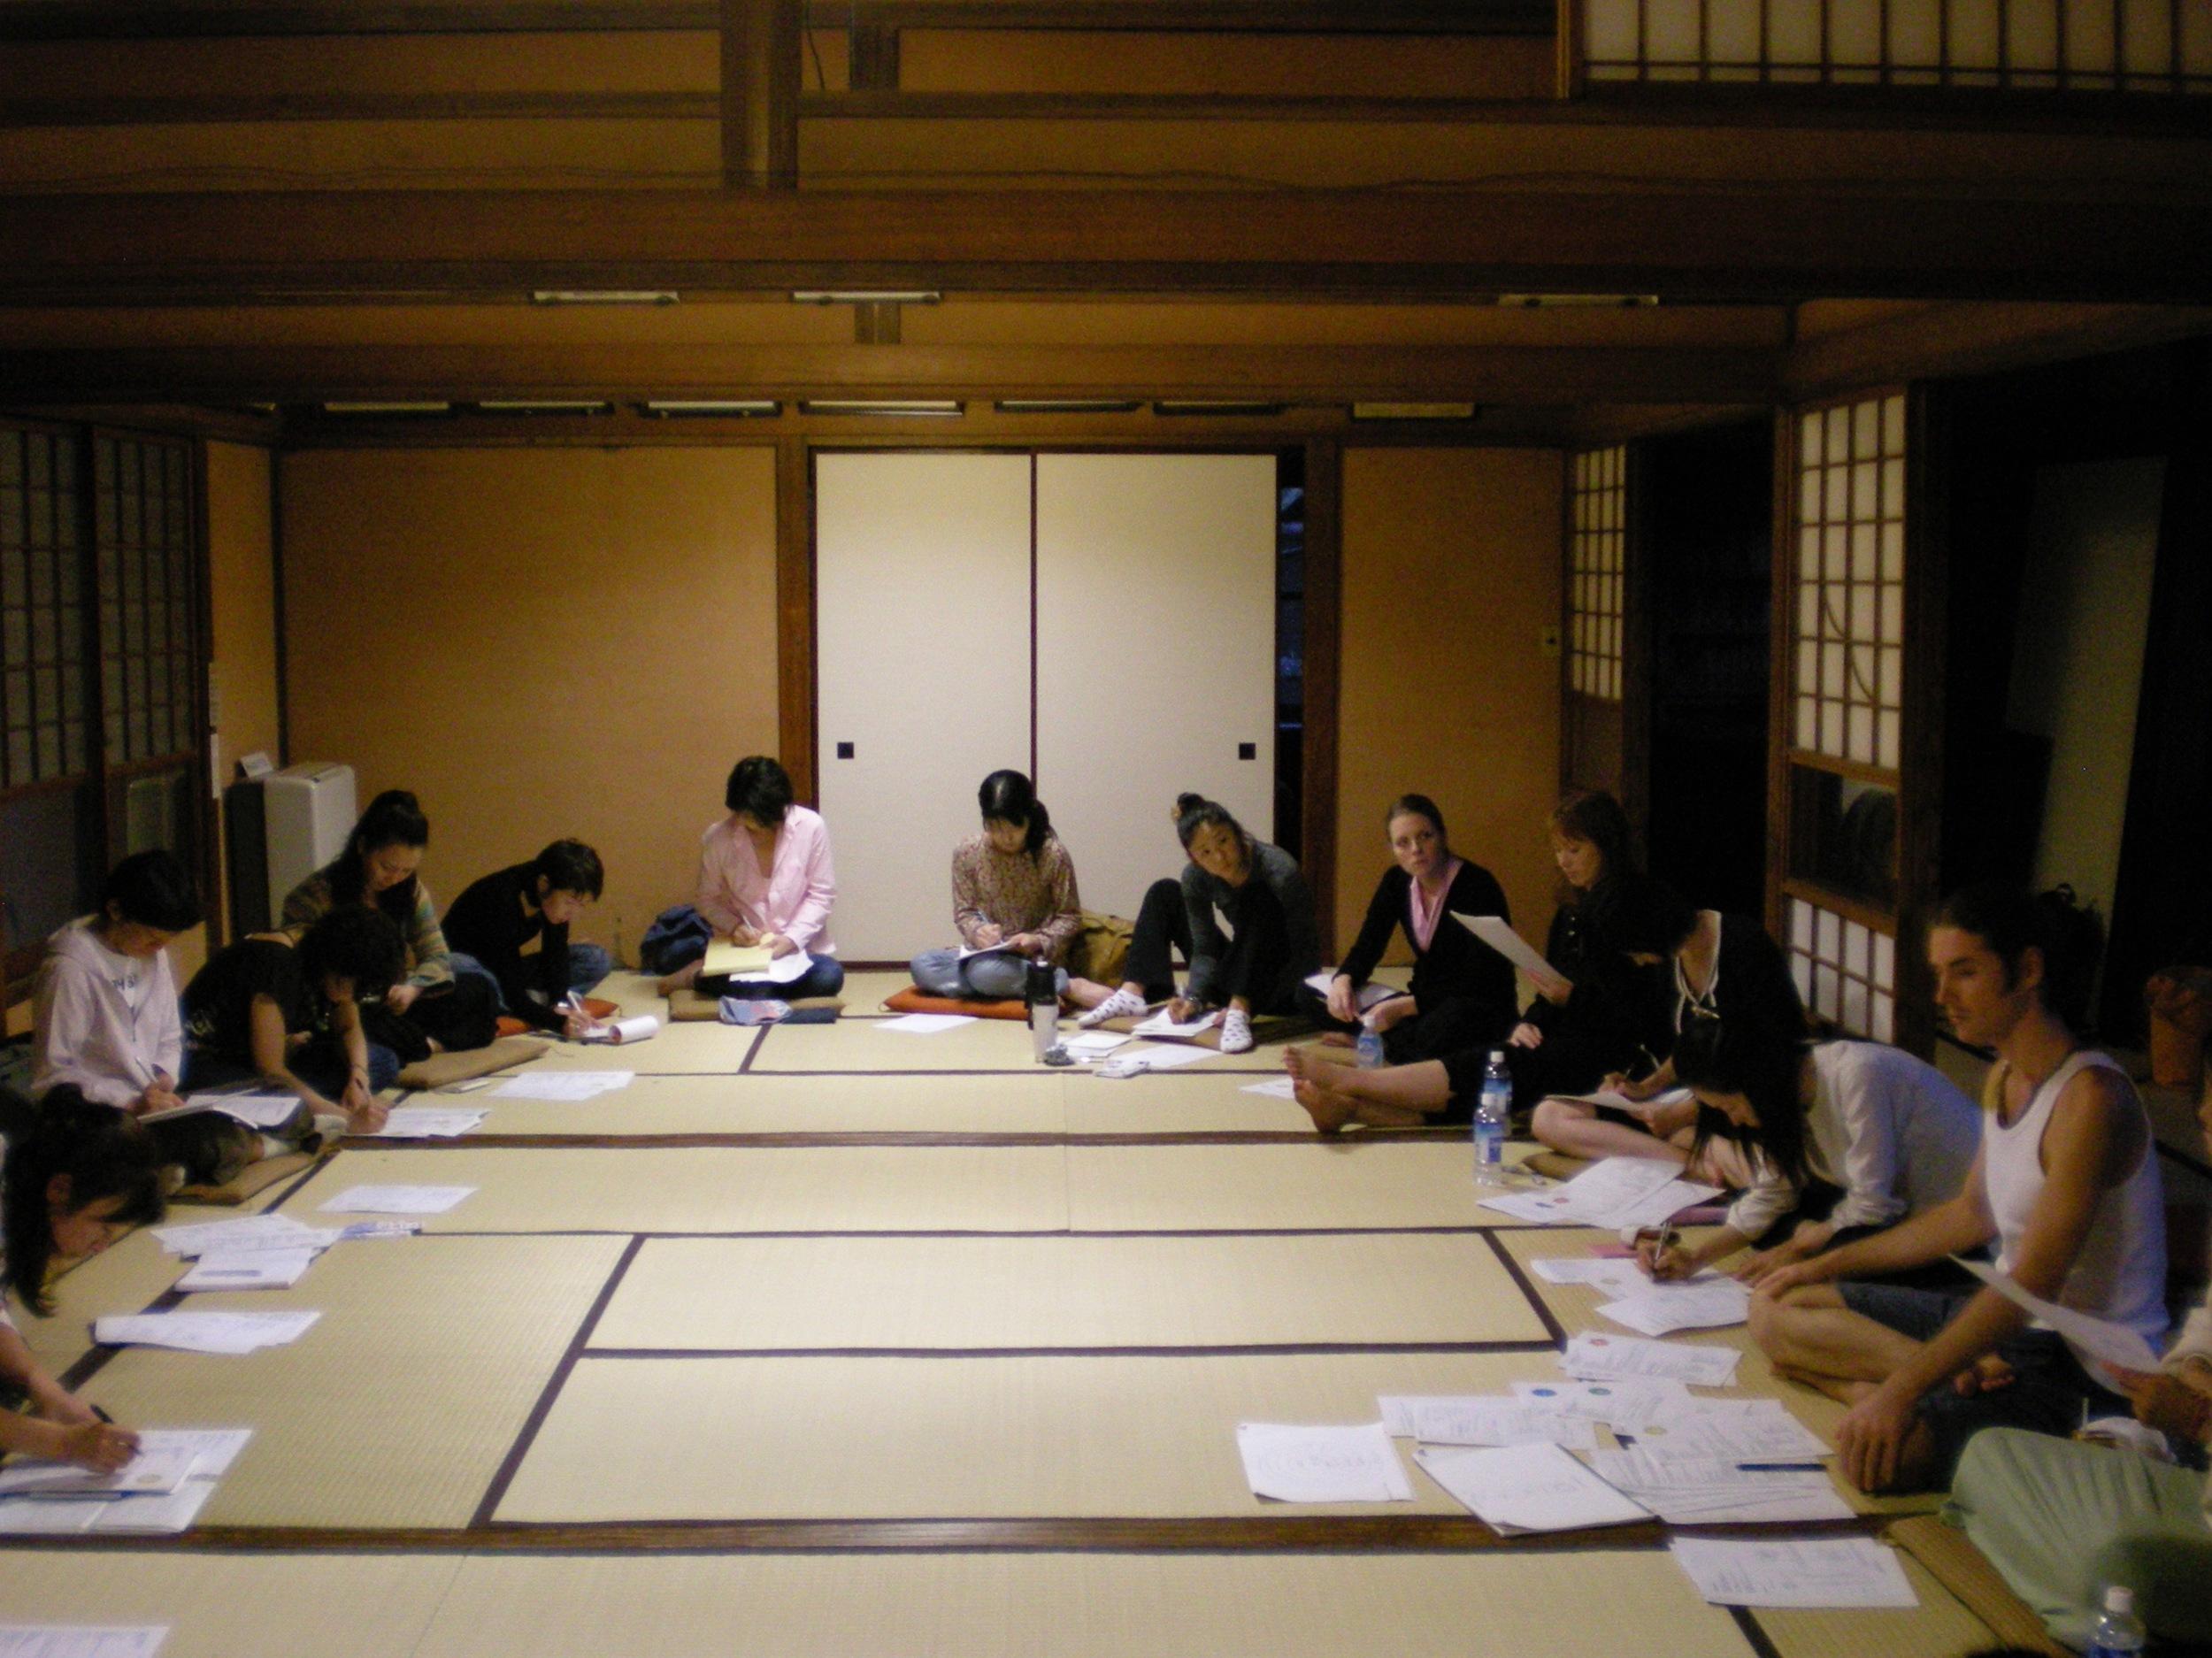 Workshop on the chakras, Kamakura, Japan